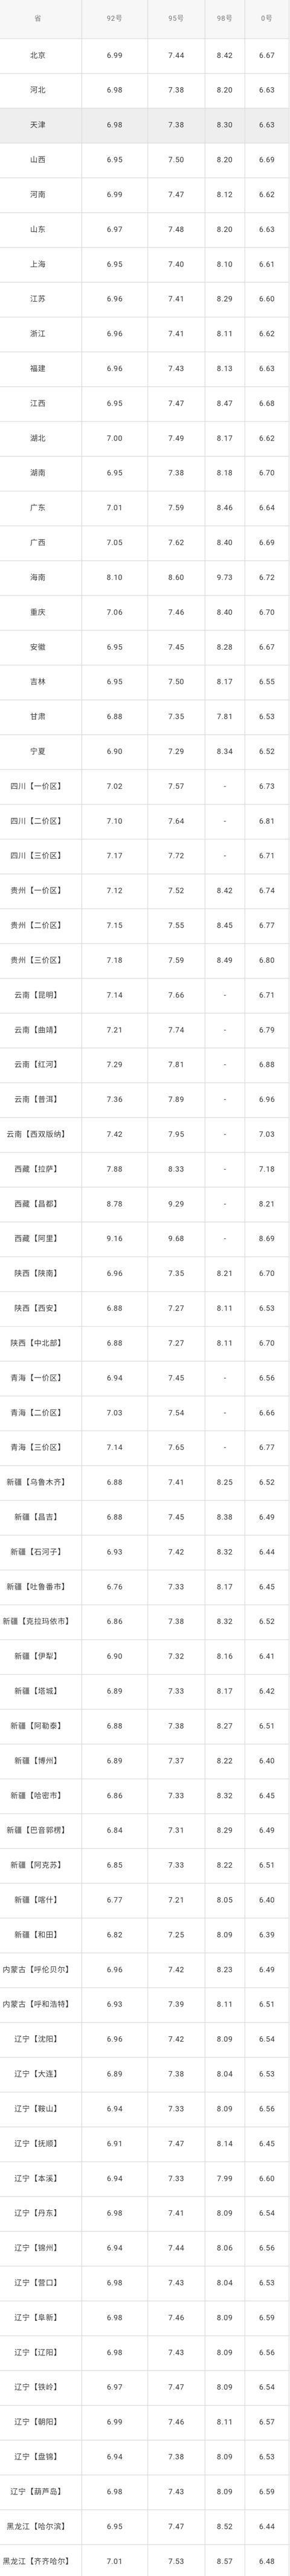 全国油价调整信息:1月3日调整后:全国92、95号汽油价格表!